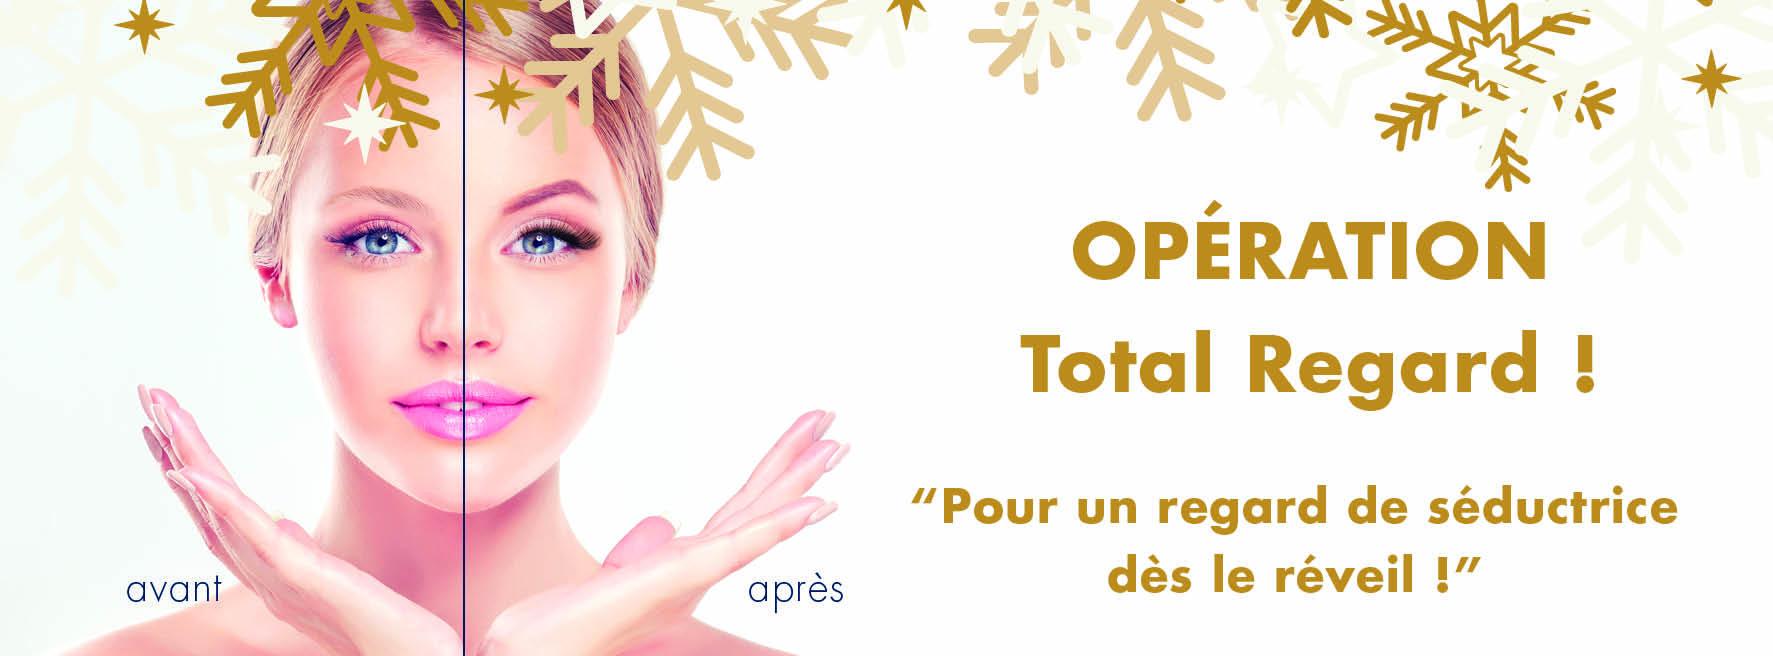 Extension de cils poitiers la baignoire beauty bar - La baignoire poitiers ...